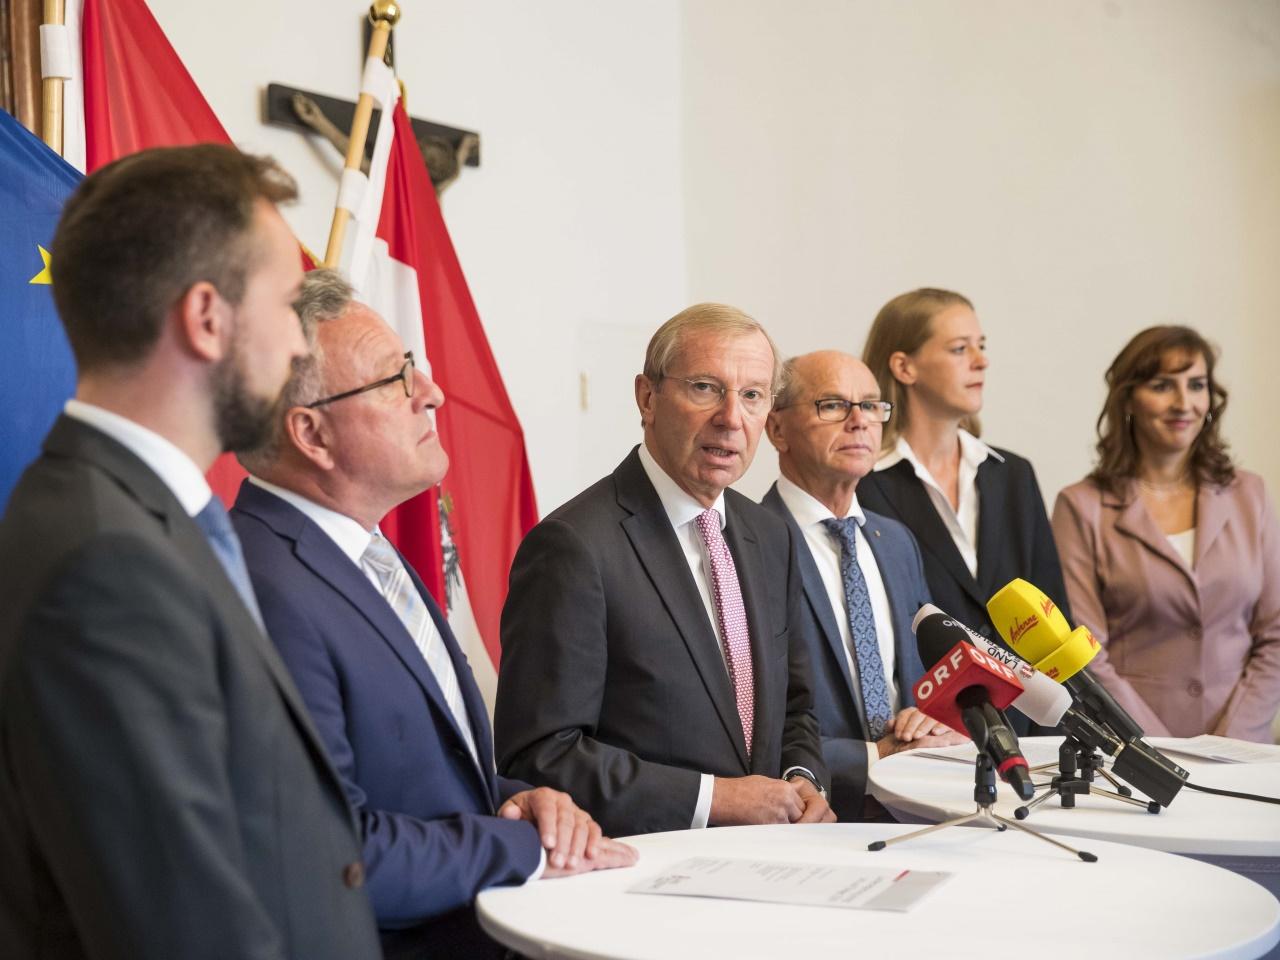 Öffi-Tickets werden in Salzburg deutlich billiger